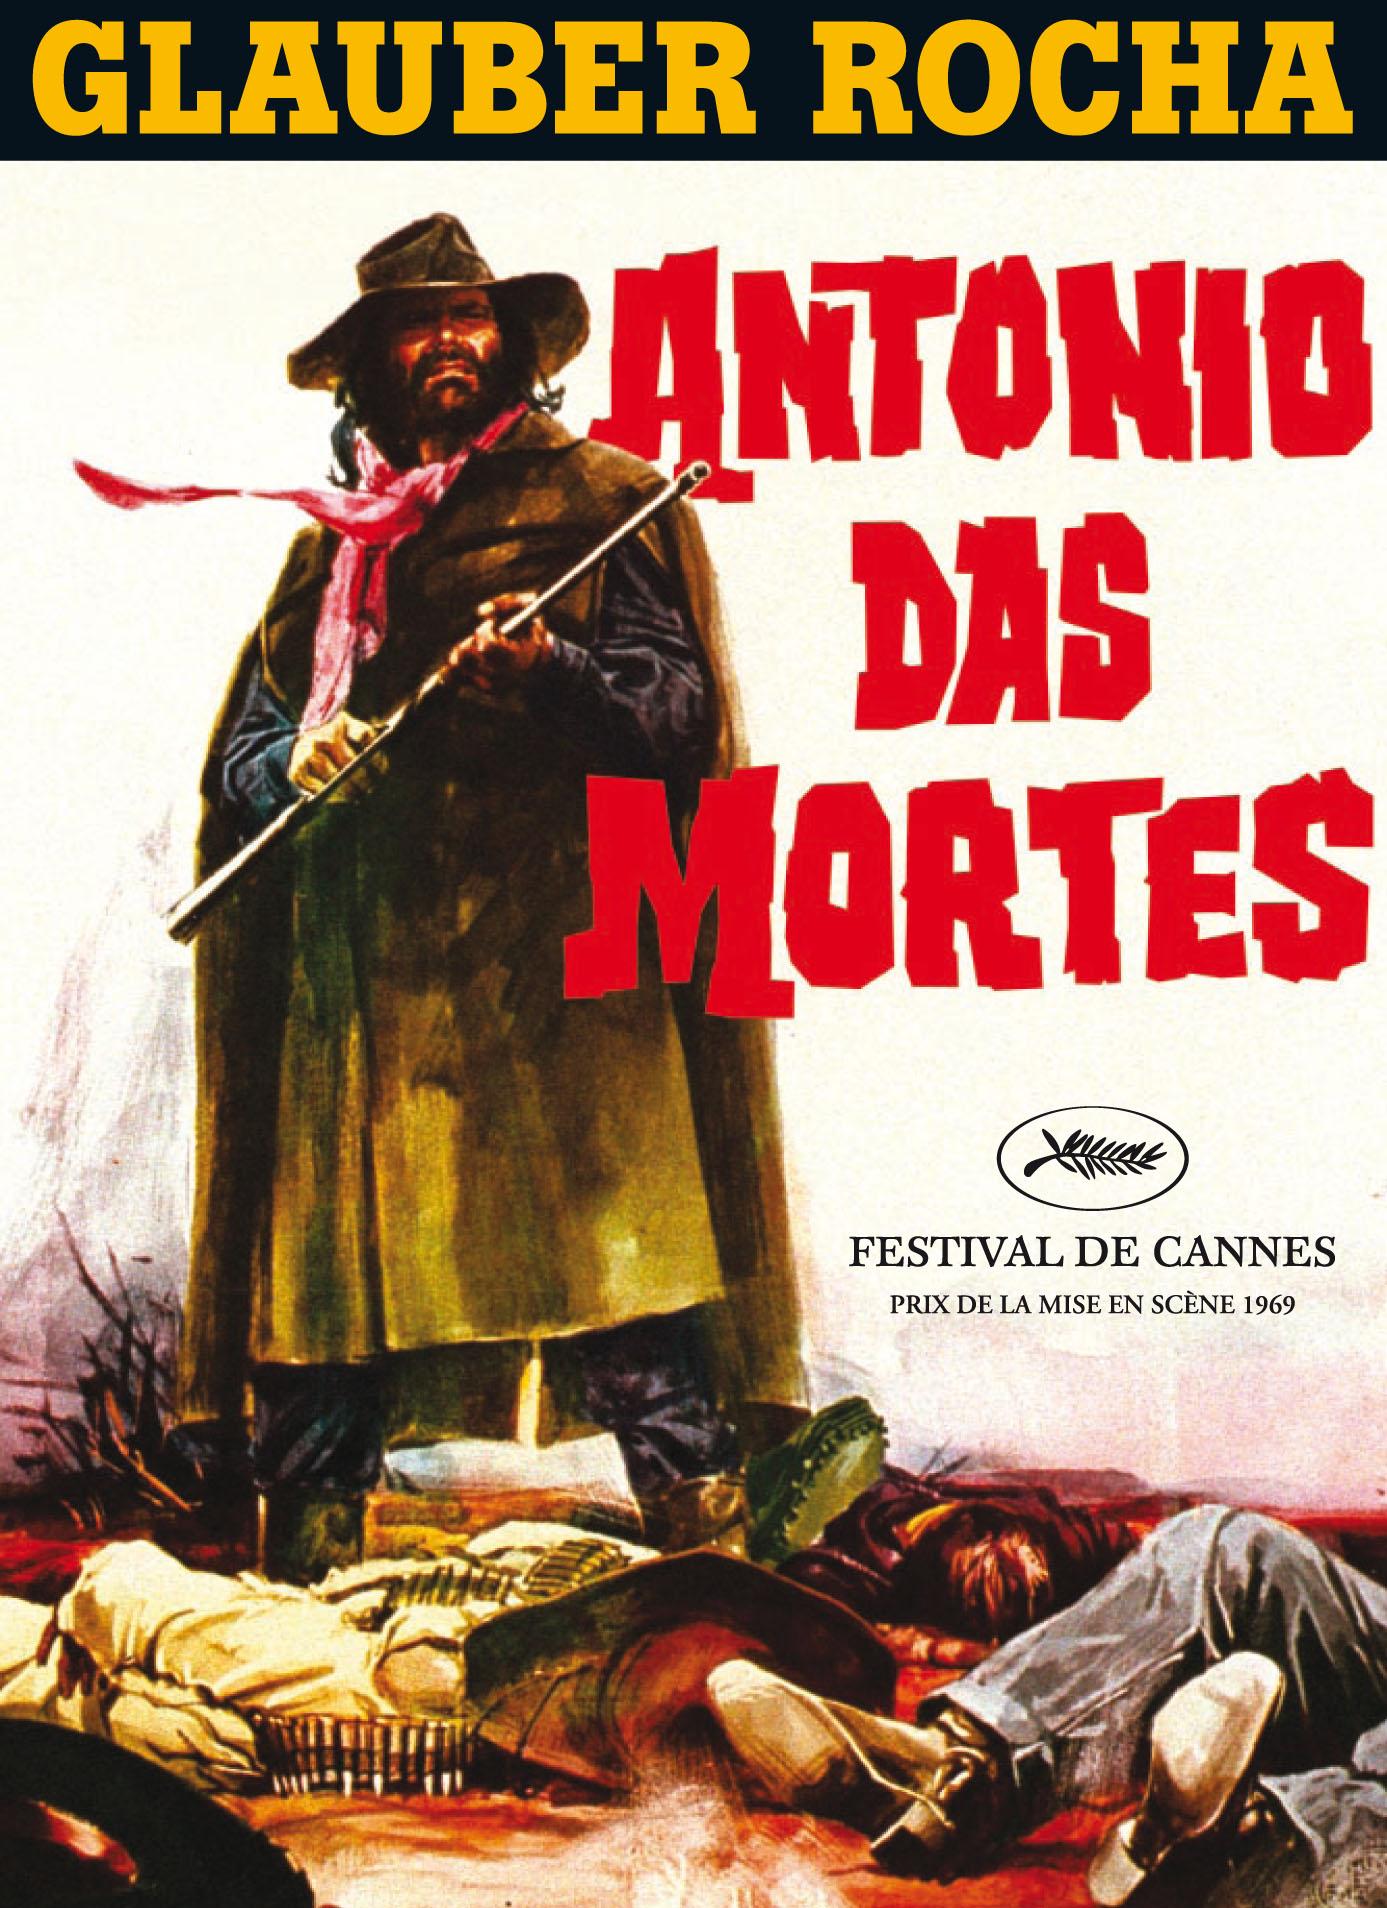 Risultato immagini per Antonio das Mortes